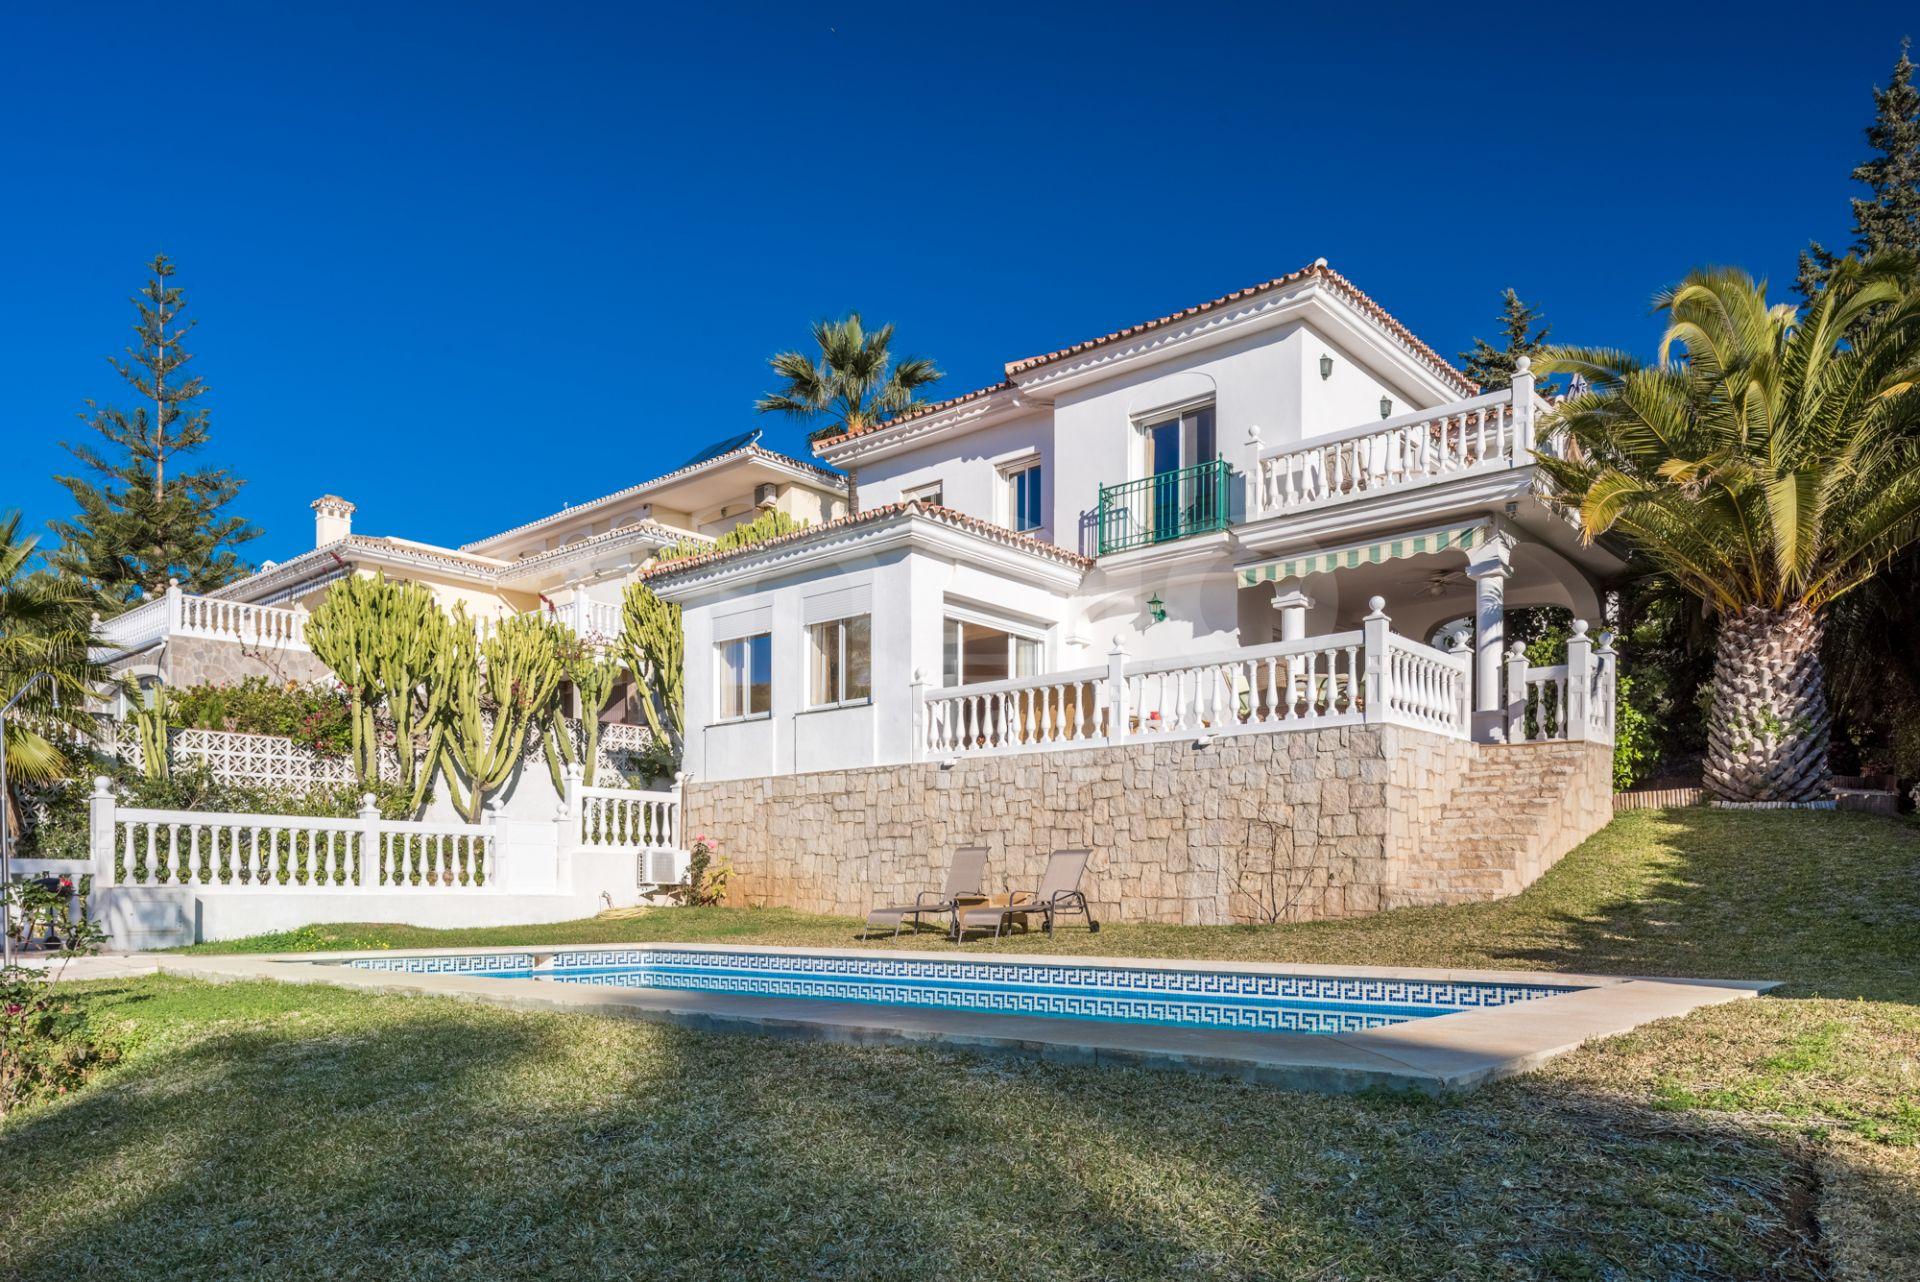 Fantastisk villa i Sierrezuela Mijas.